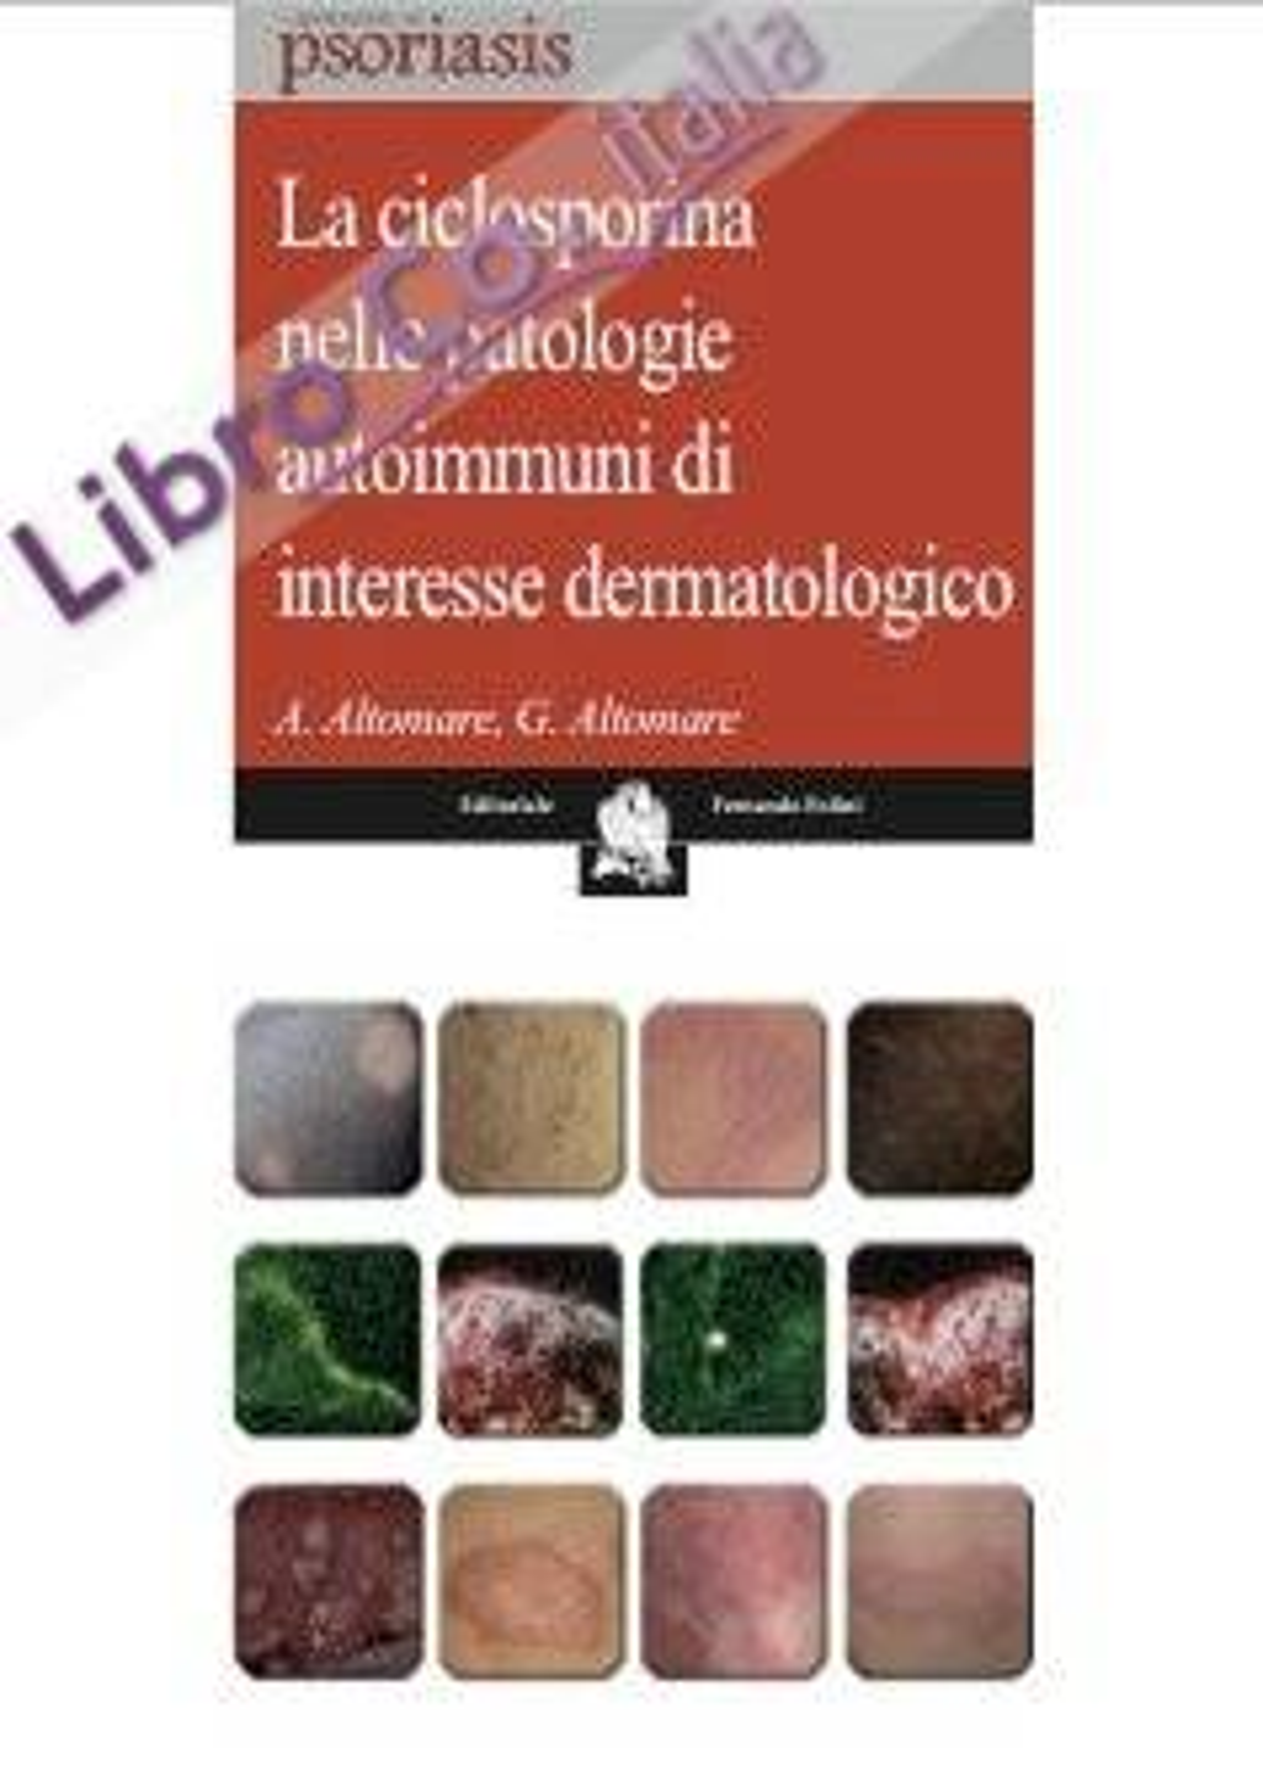 La ciclosporina nelle patologie autoimmuni di interesse dermatologico.